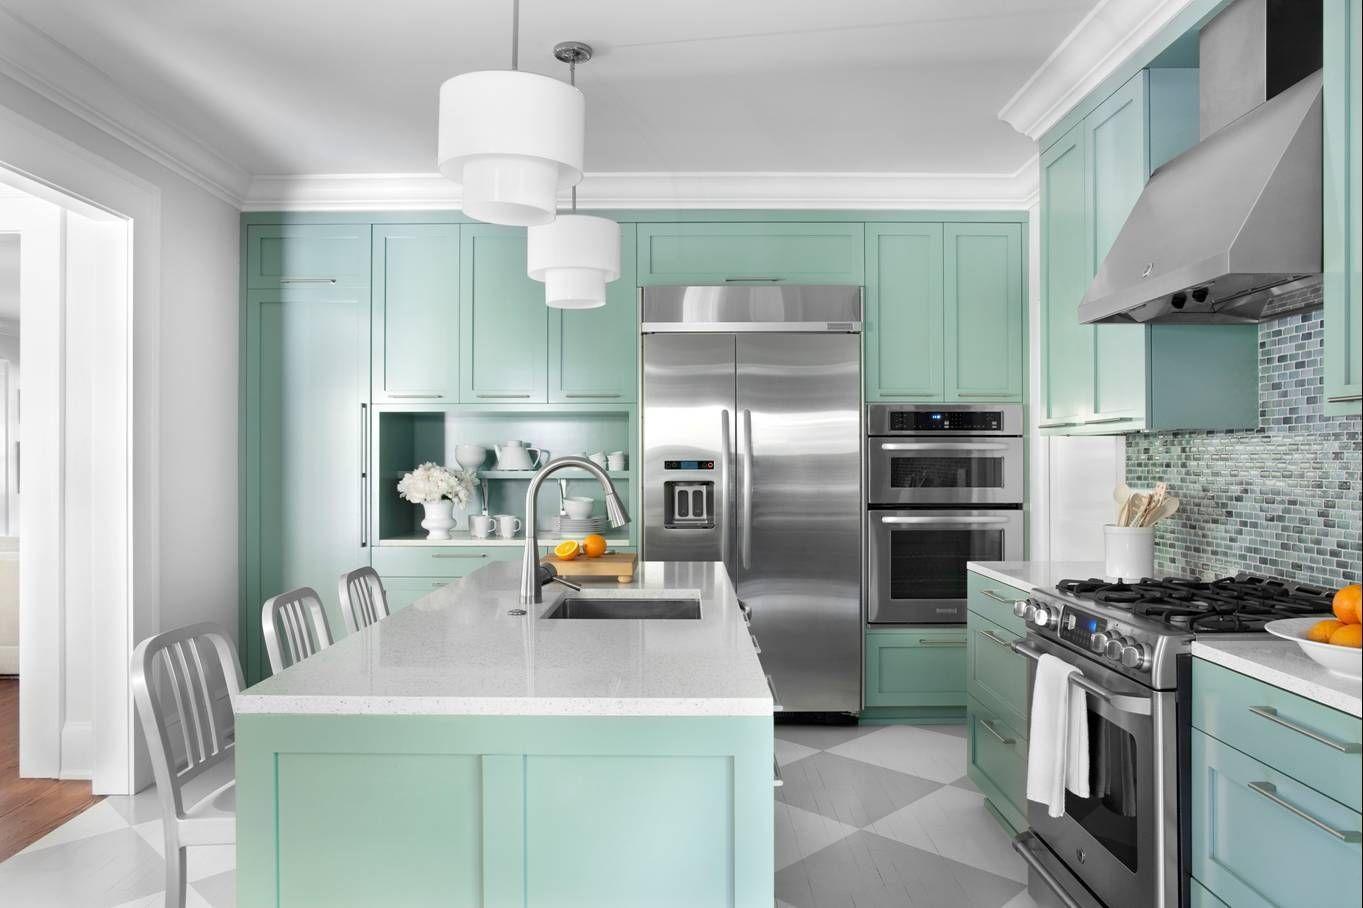 Ikea Keuken Schilderen : Afbeeldingsresultaat voor donkerbruine ikea keuken lichtblauw